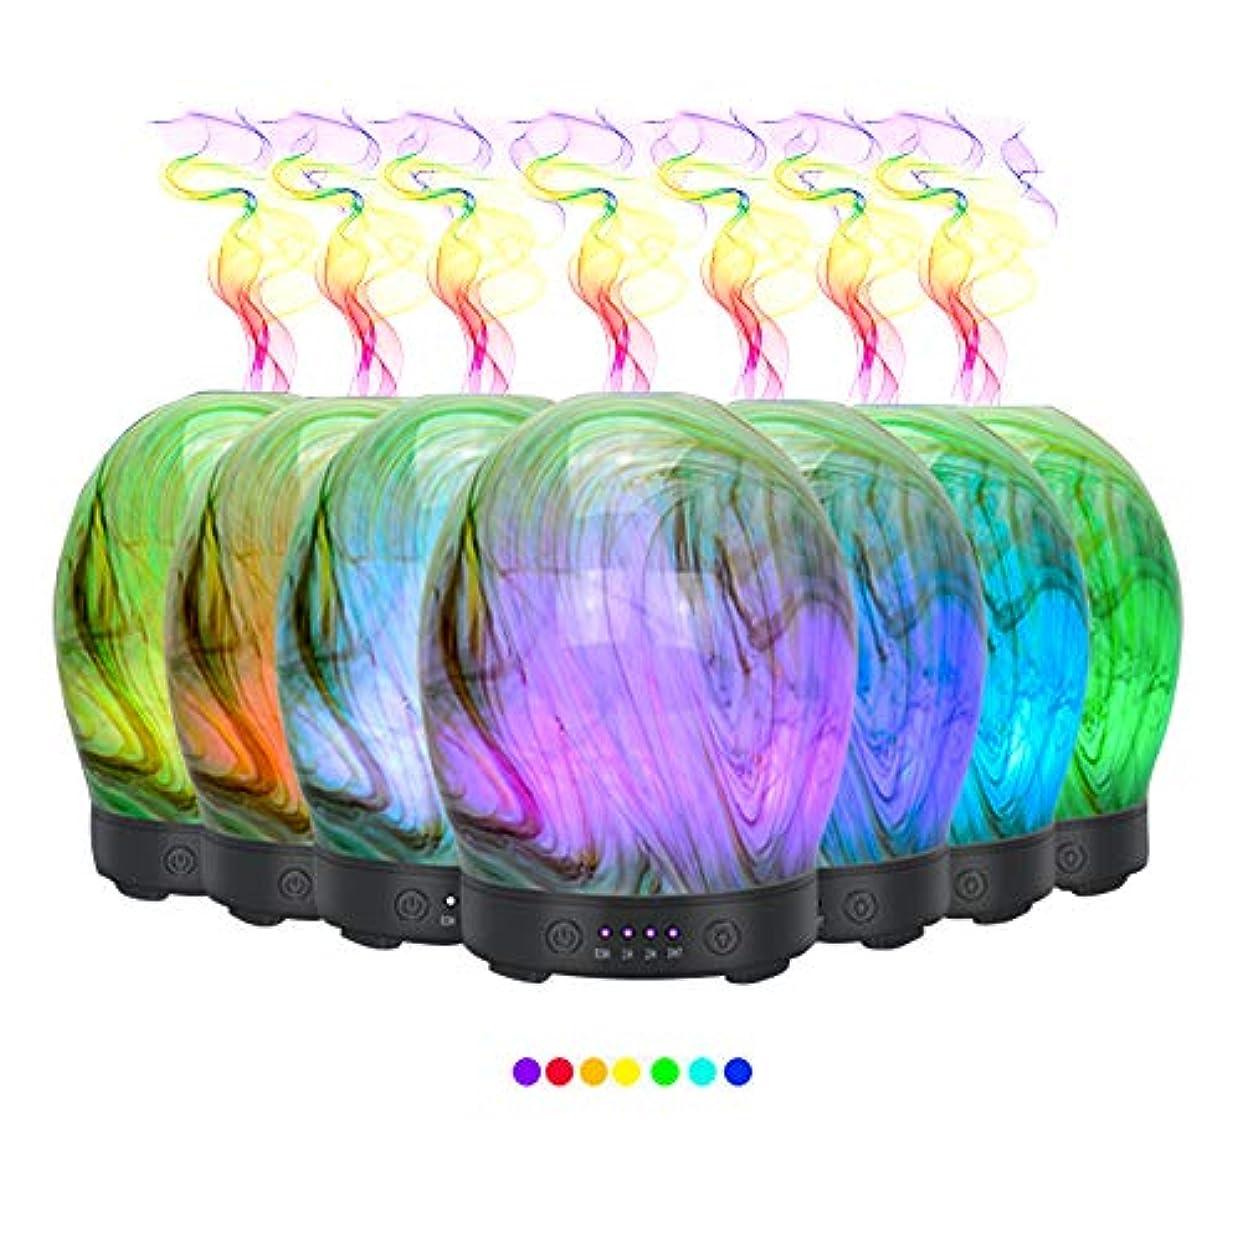 必要条件不合格珍味エッセンシャルオイル用ディフューザー (100ml)-3d アートガラスツイストツリーアロマ加湿器7色の変更 LED ライト & 4 タイマー設定、水なしオートシャットオフ